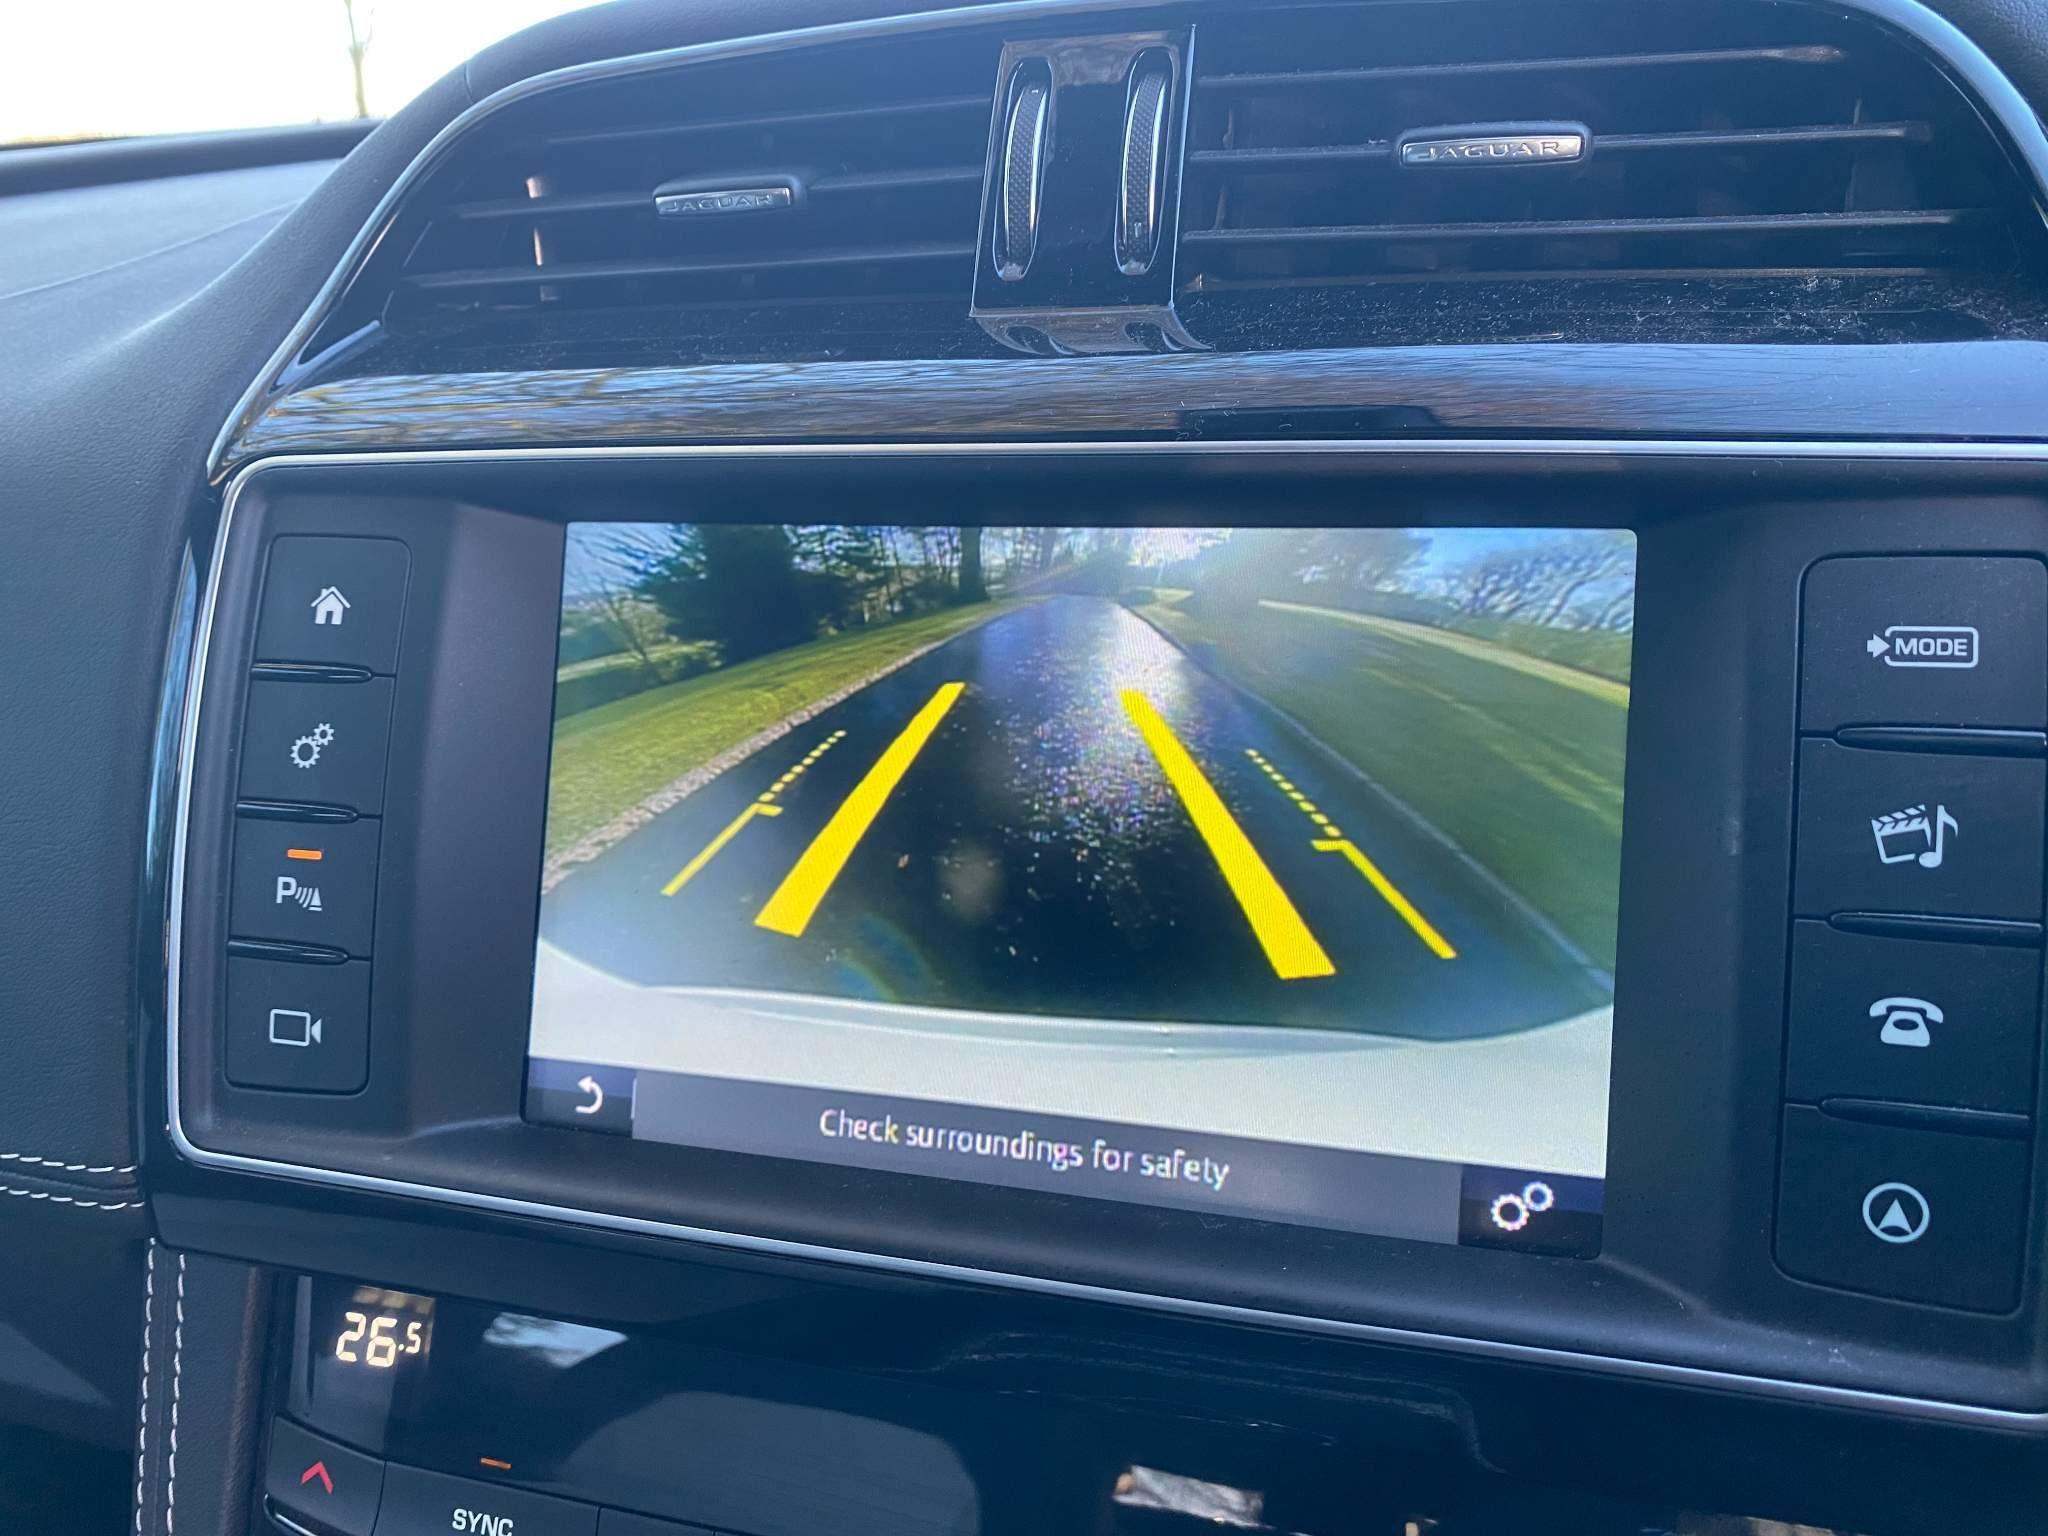 2017 Jaguar F-PACE 2.0d R-Sport Black Edition Auto AWD (s/s) 5dr Diesel Automatic – Moyway Motors Dungannon full